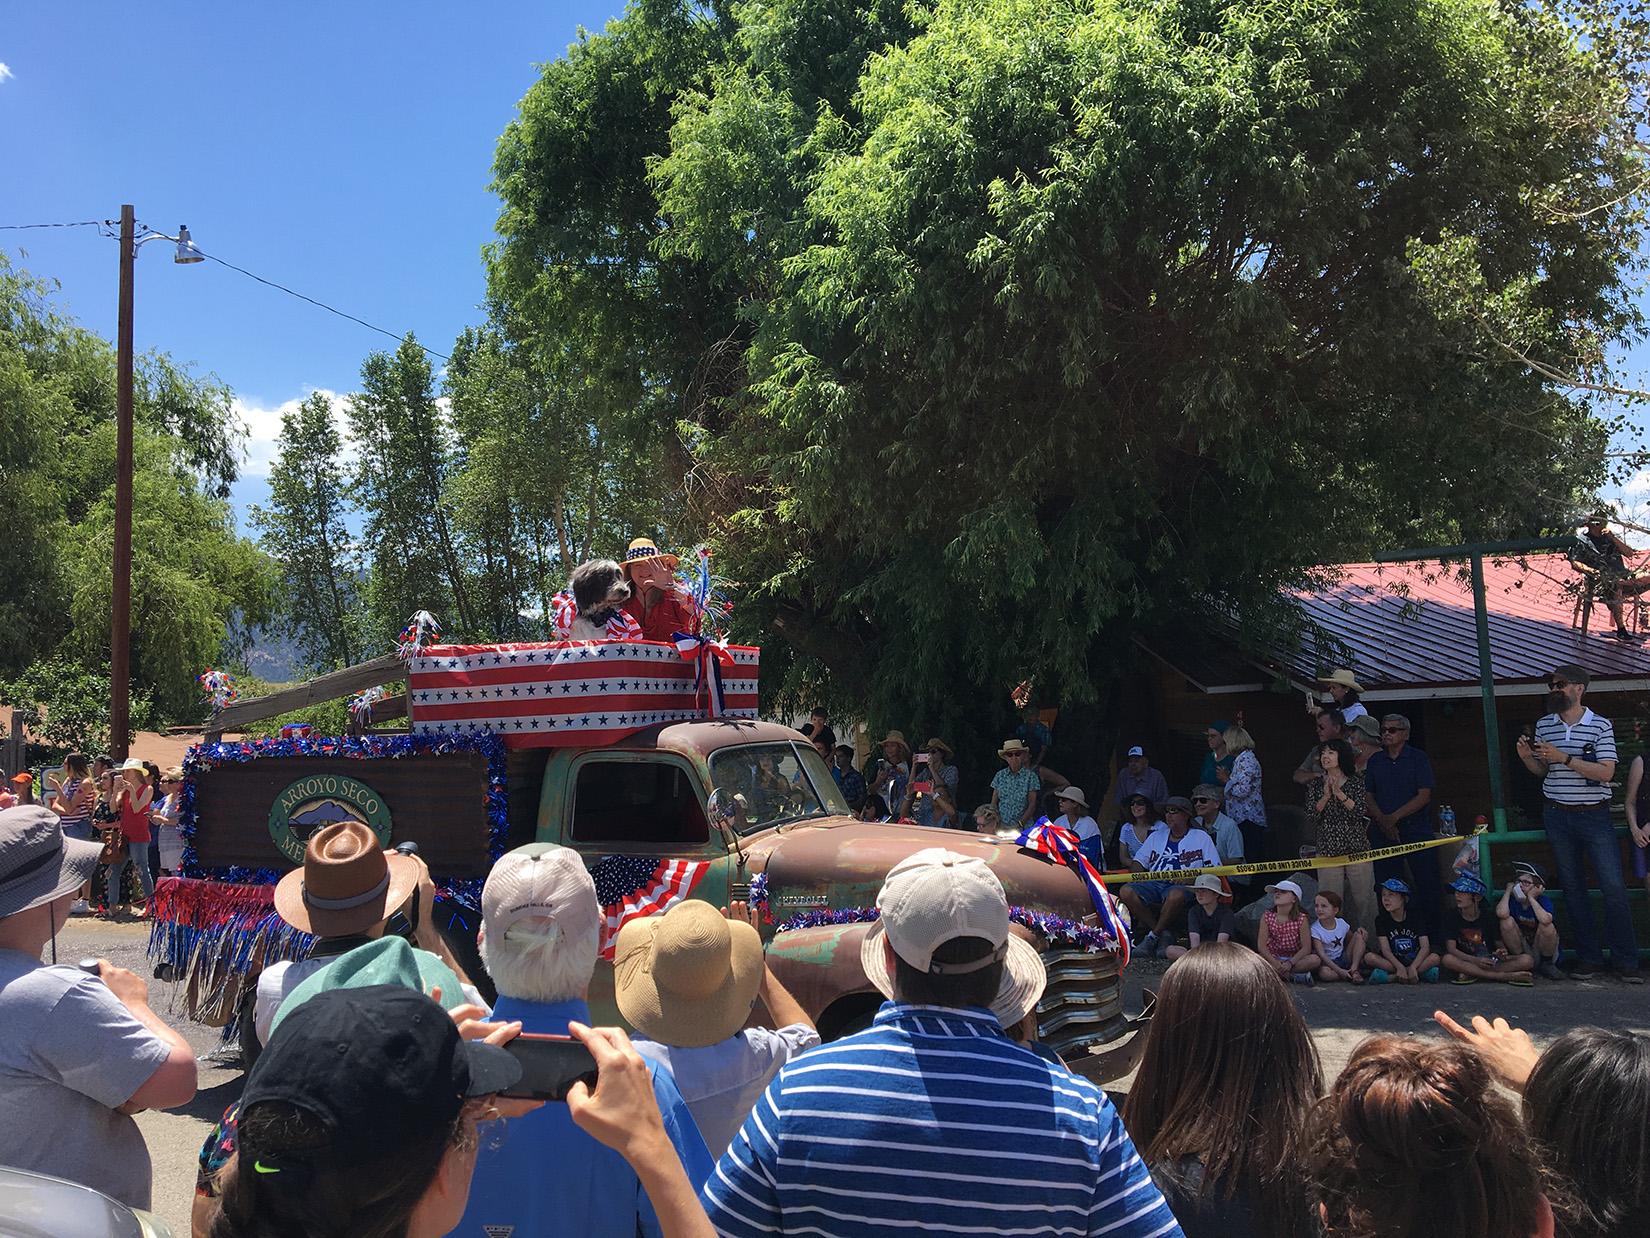 4thofJuly_parade_Arroyo_Seco.jpg